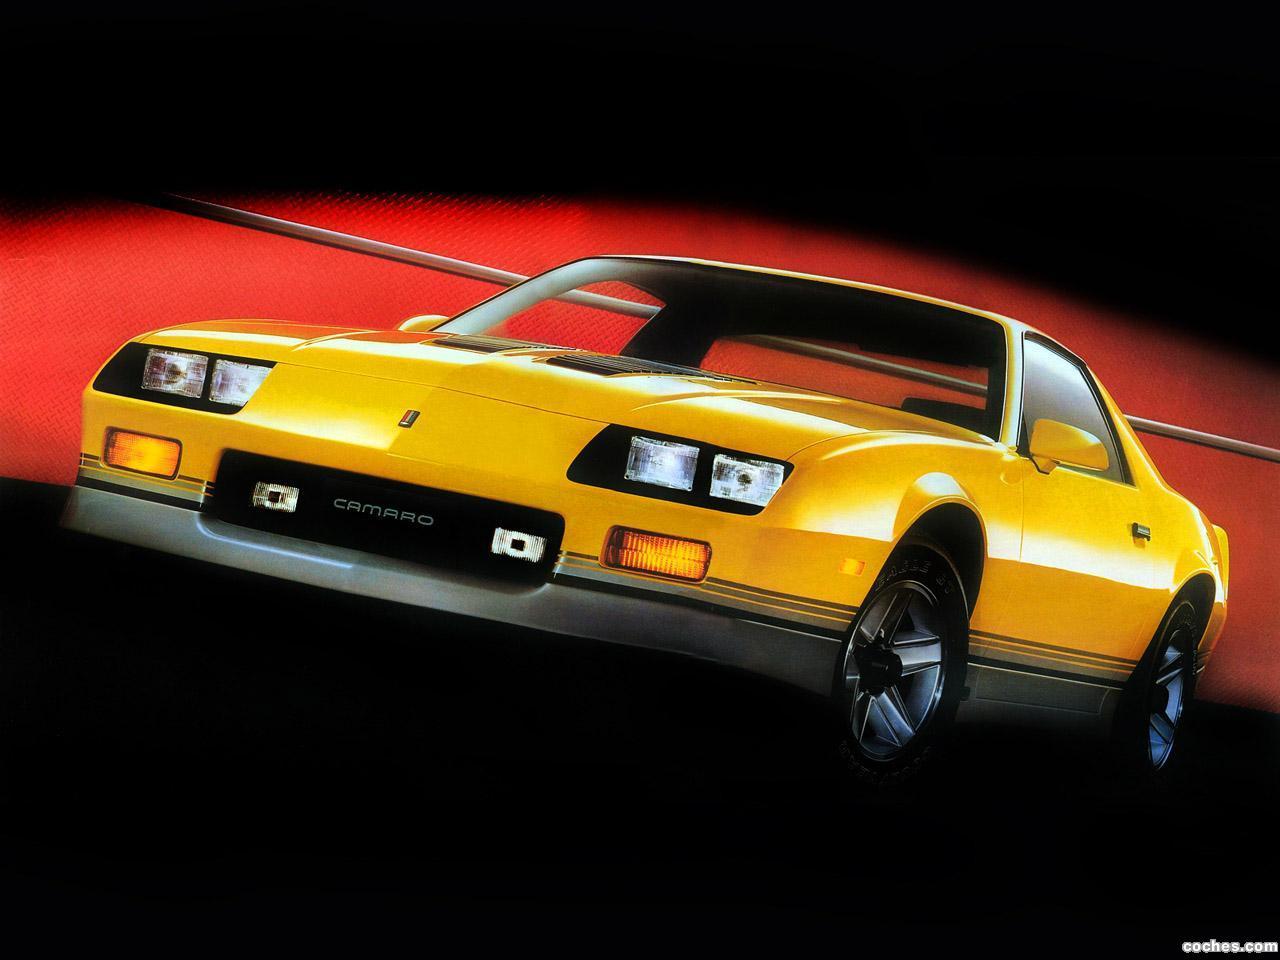 Foto 0 de Chevrolet Camaro Z28 1985